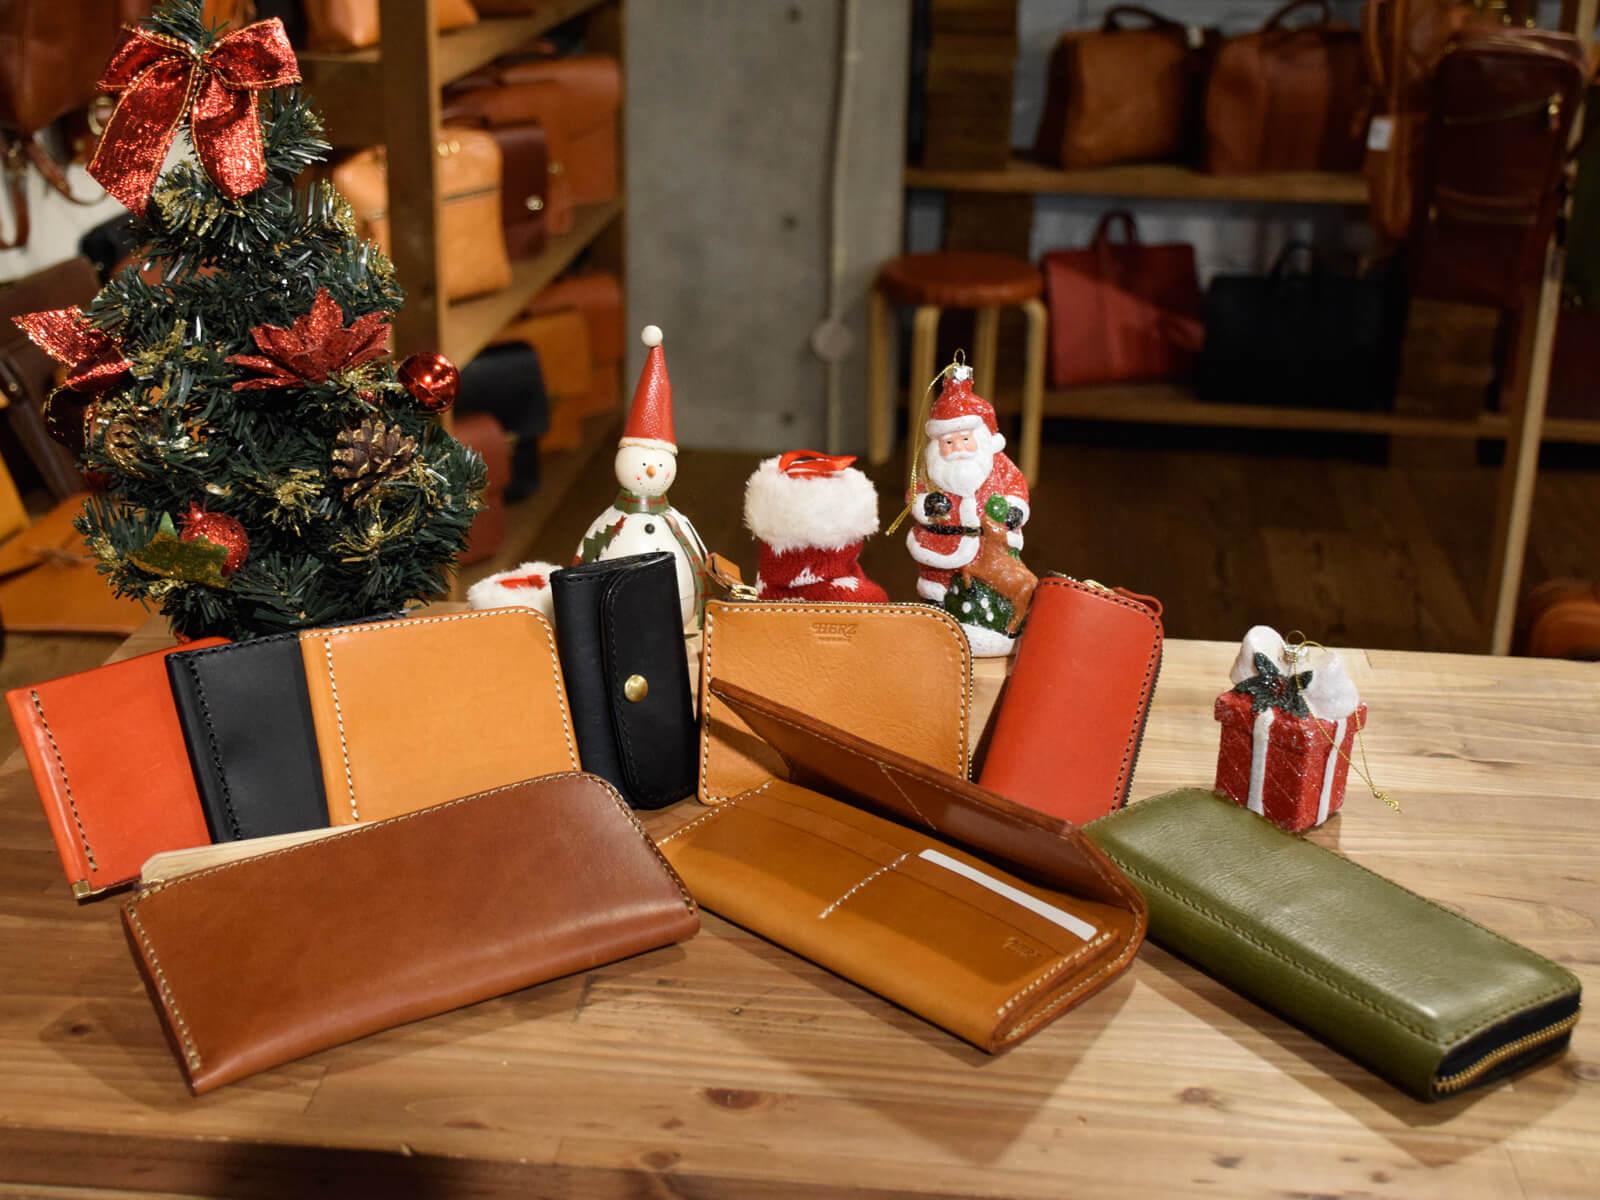 クリスマスプレゼントにおすすめ!革財布&キーケース